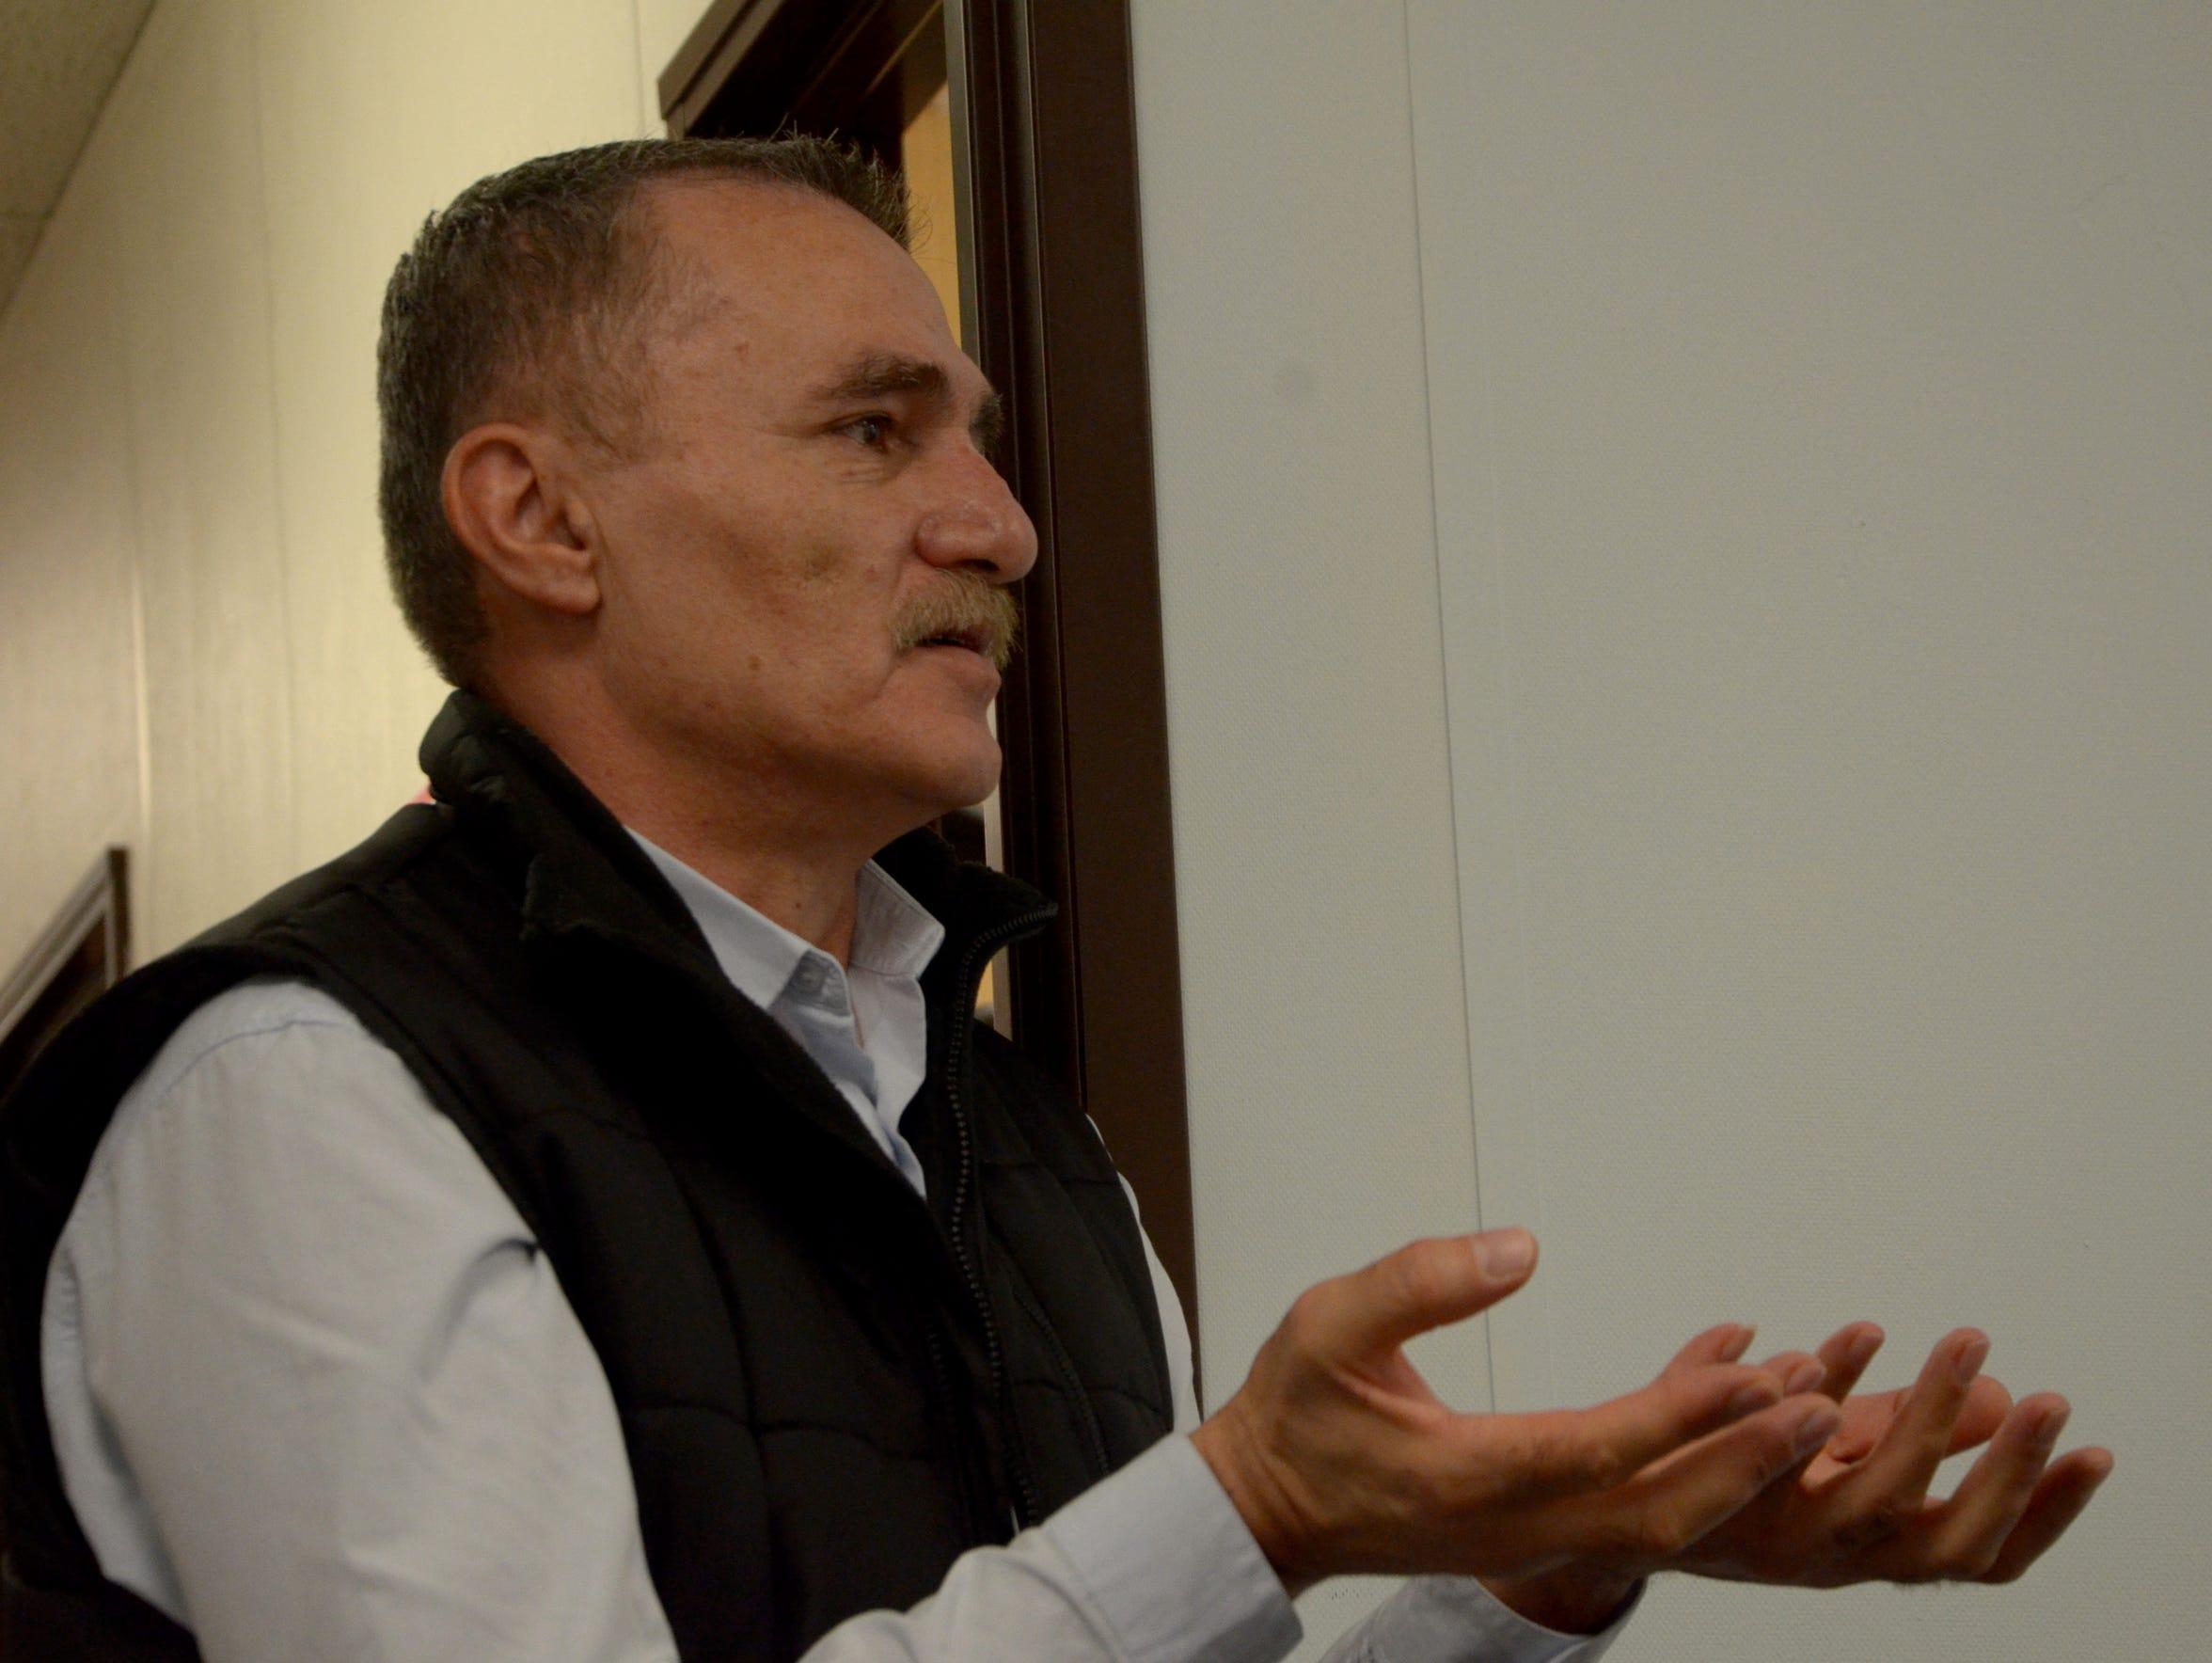 Aram Derbandi, program coordinator at Lutheran Social